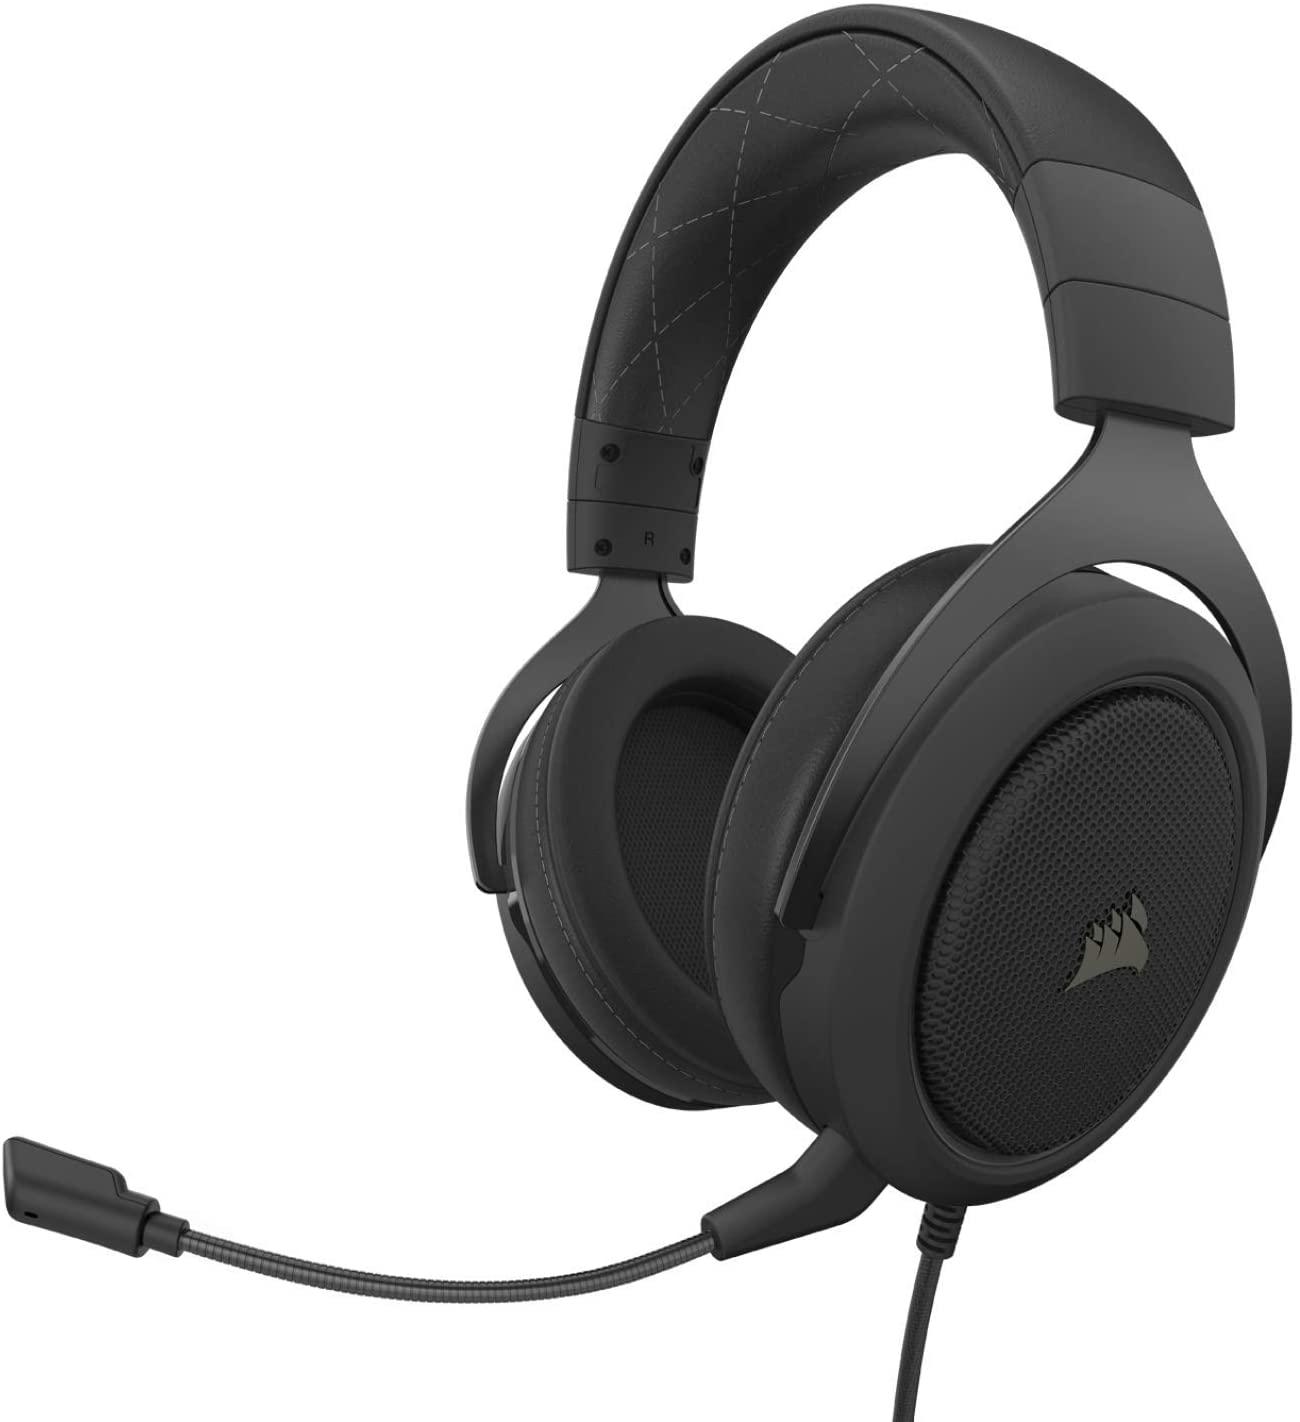 Imagem: Headset Gamer Corsair HS60 Pro